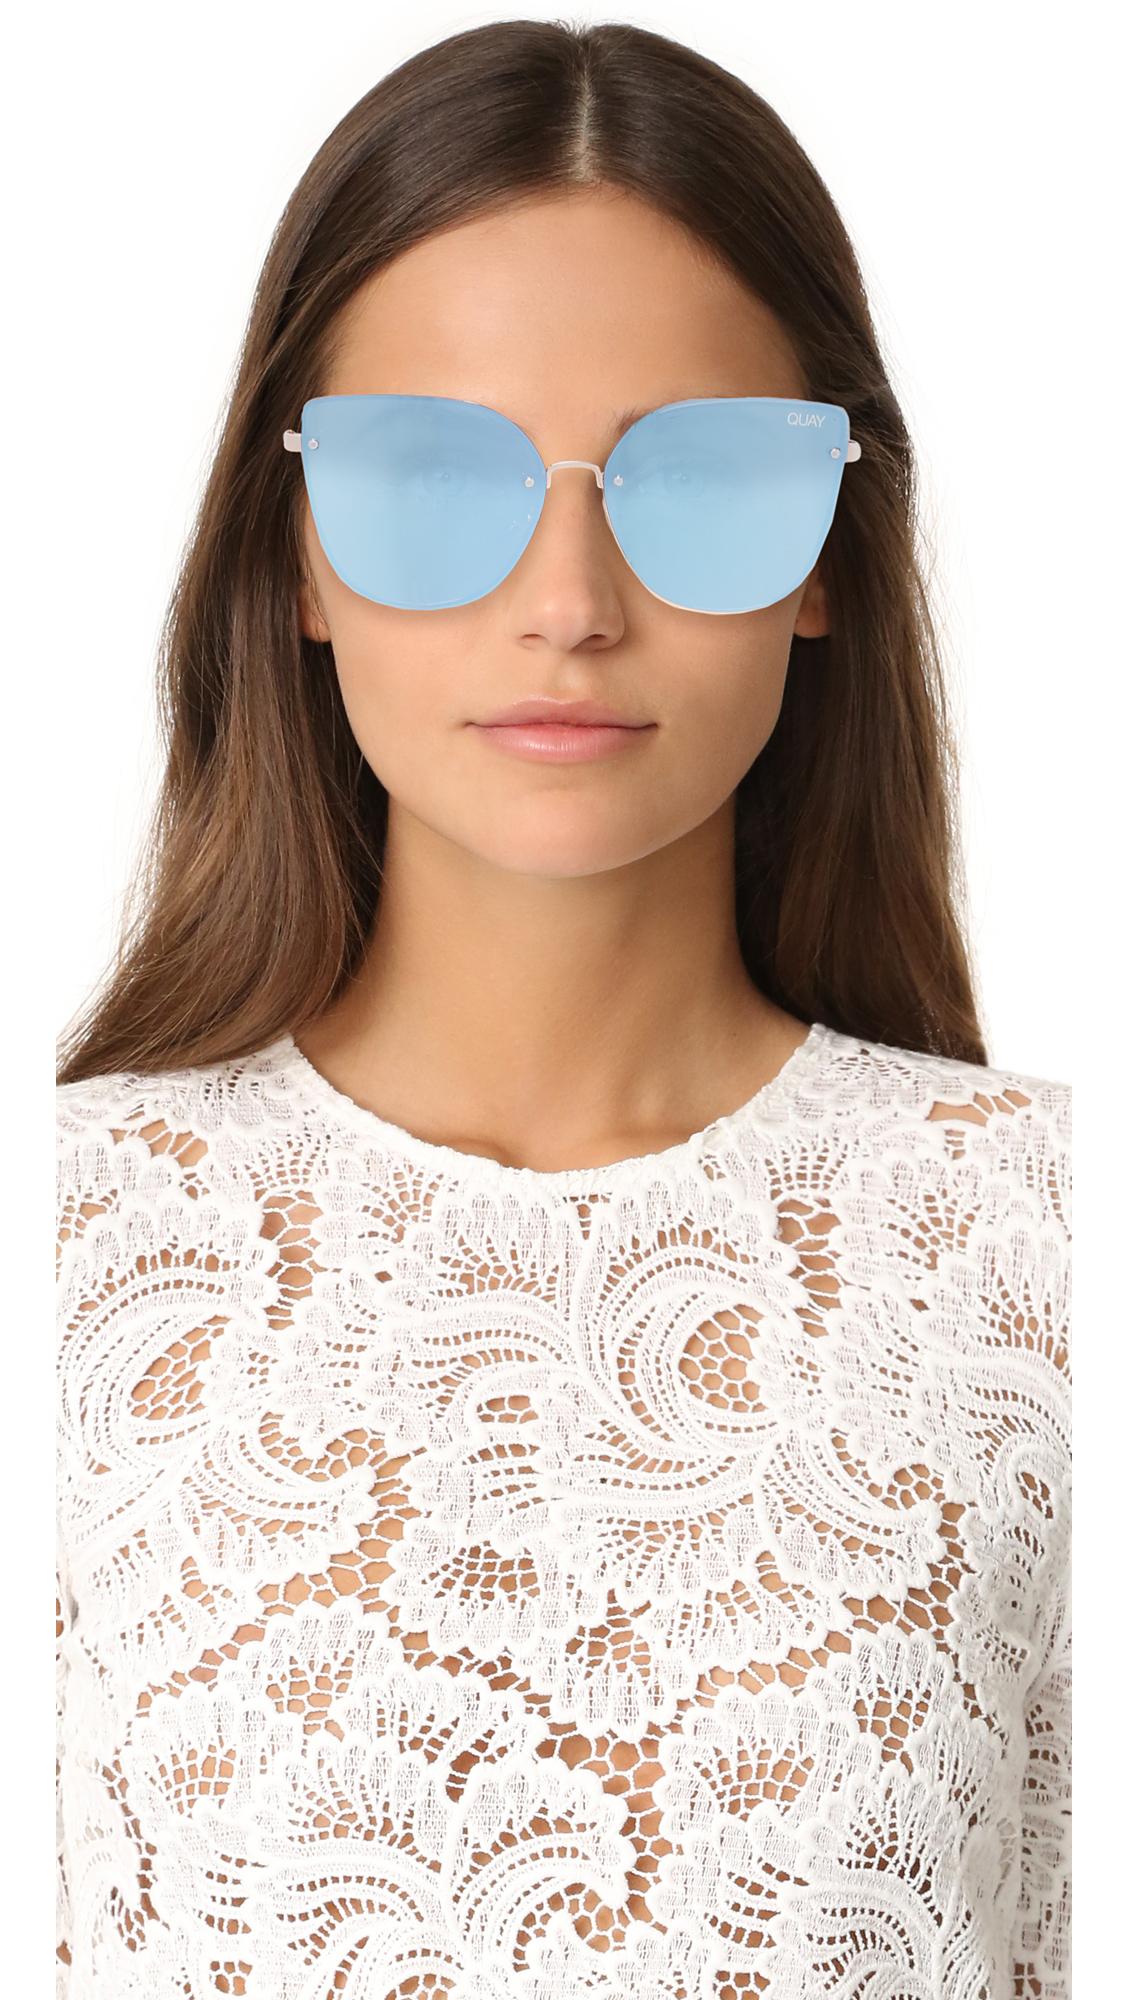 cb182593509 Quay Lexi Sunglasses